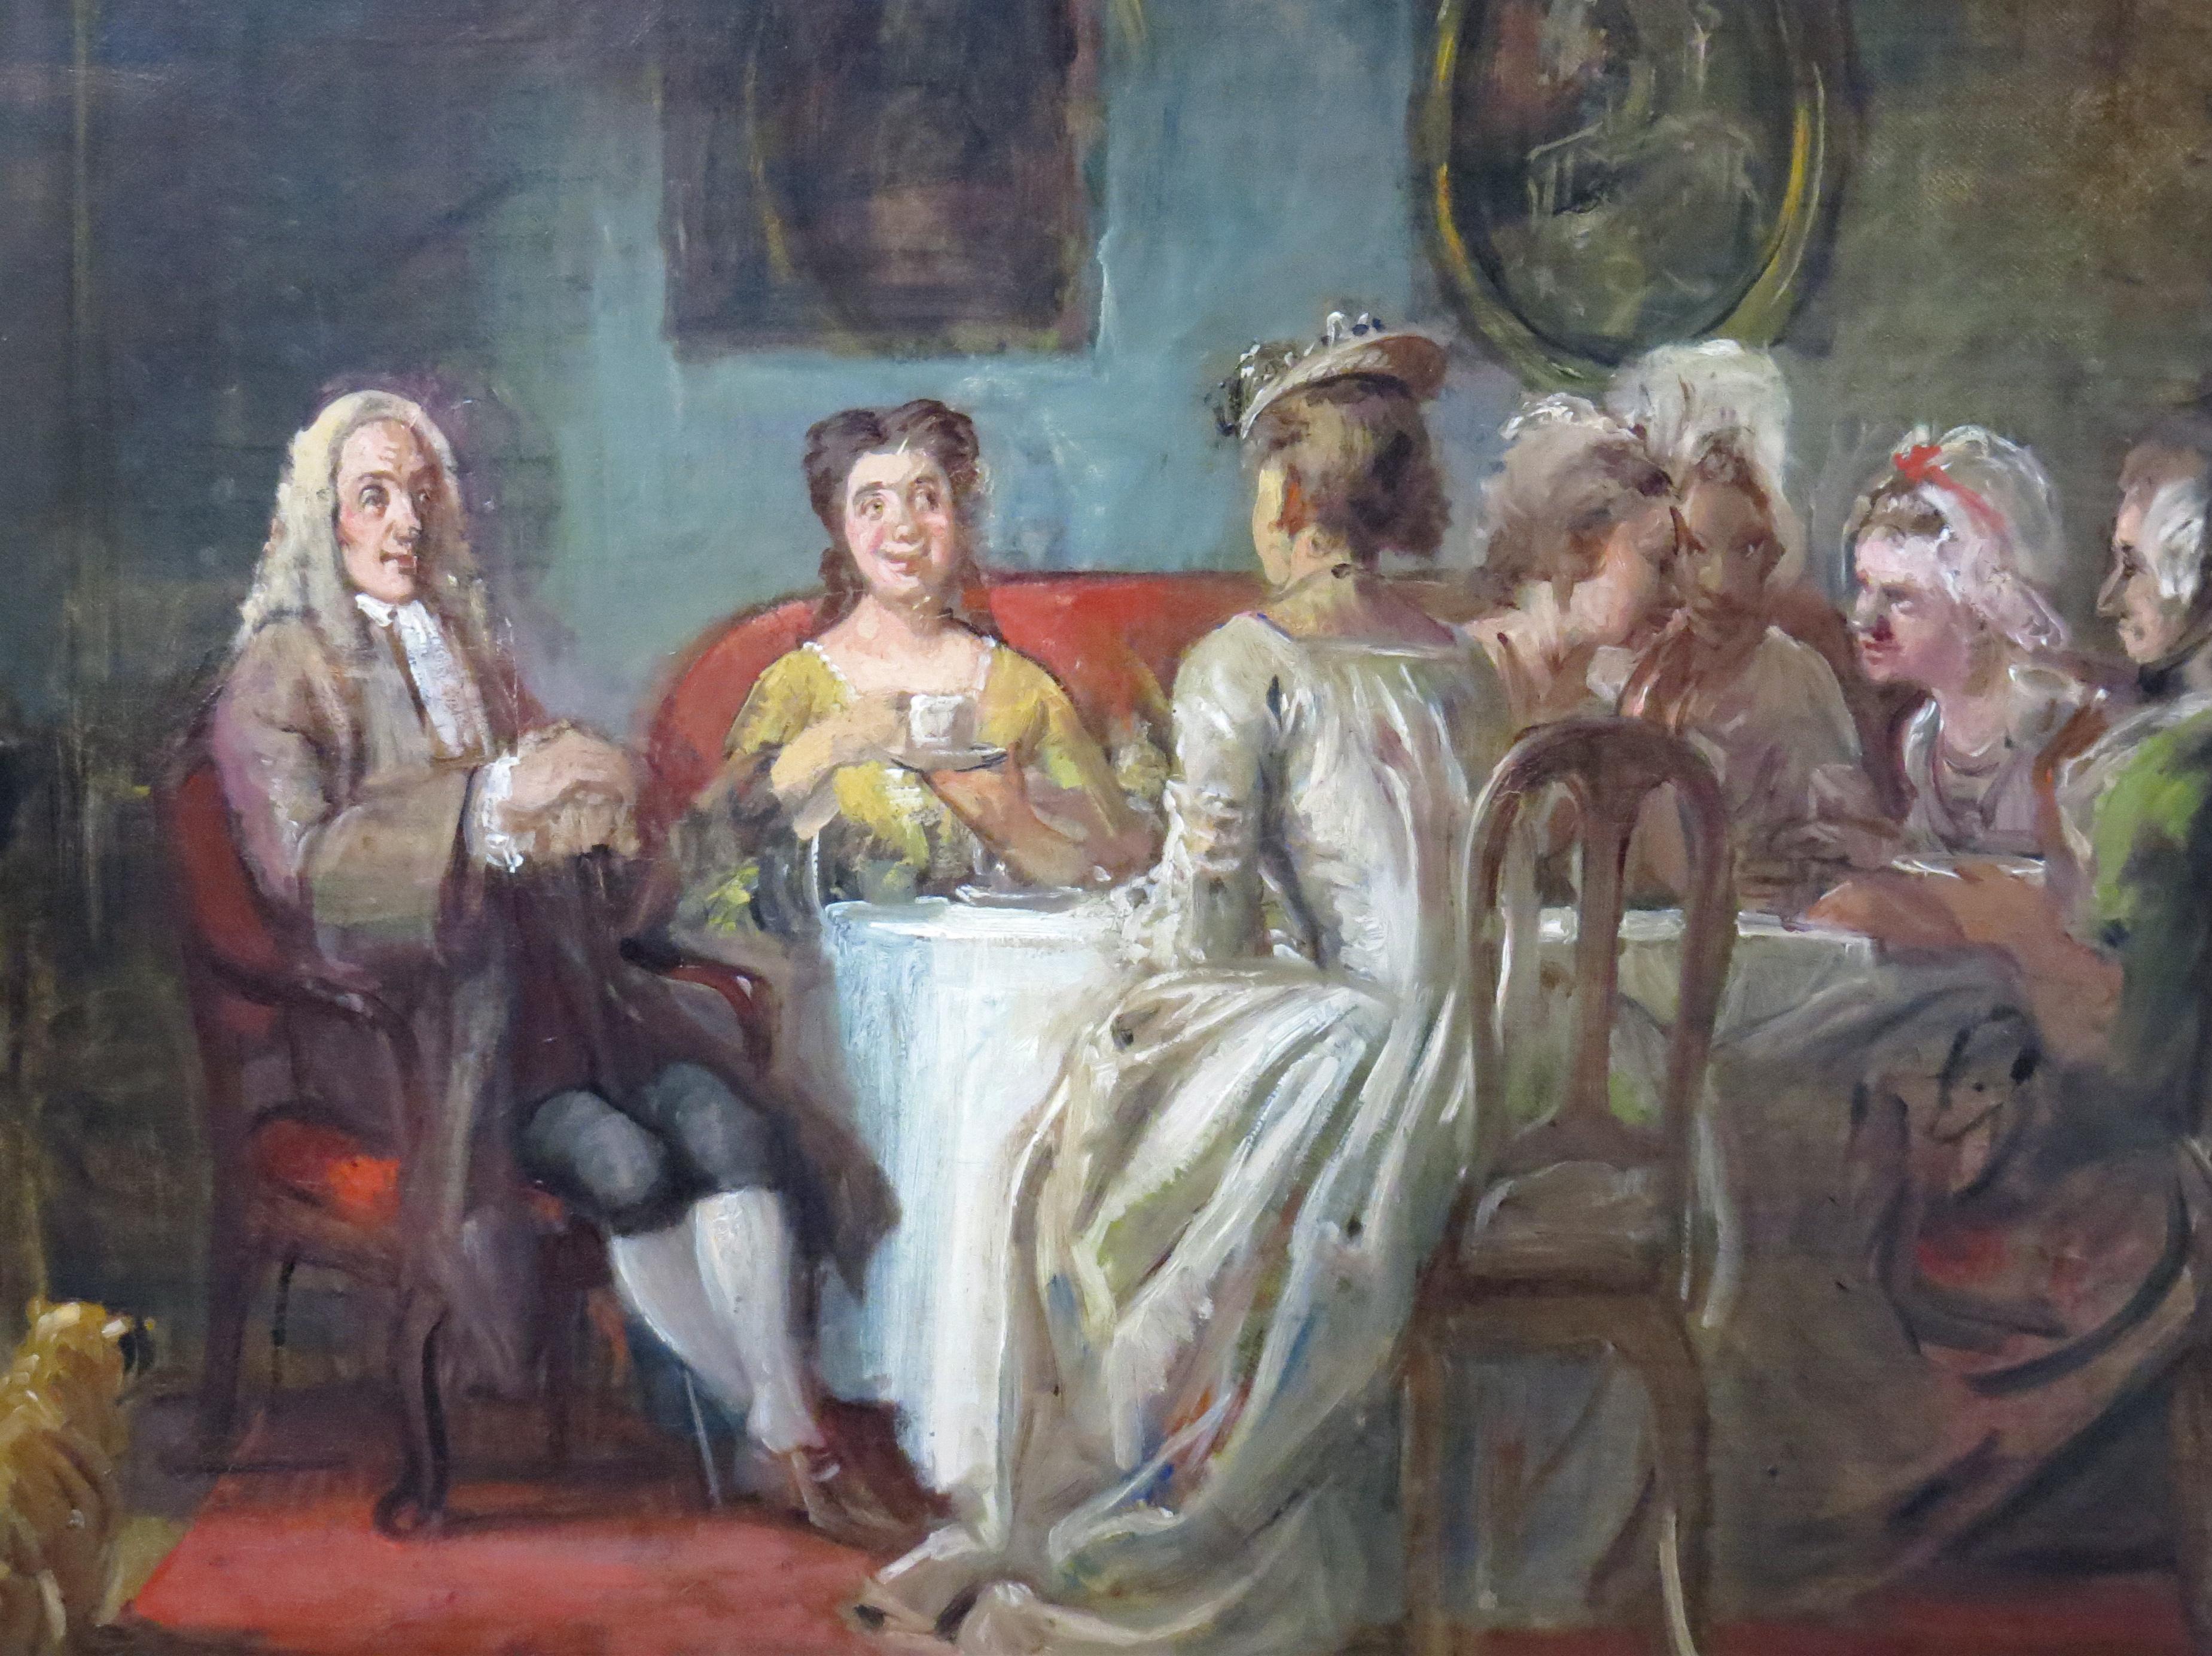 Udsnit af Holberg i kaffeselskab hos madame N.N., maleri fra ca. 1866 av Wilhelm Marstrand (1810-1873], Den Hirschsprungske Samling, København. Foto: Orf3us, august 2014.